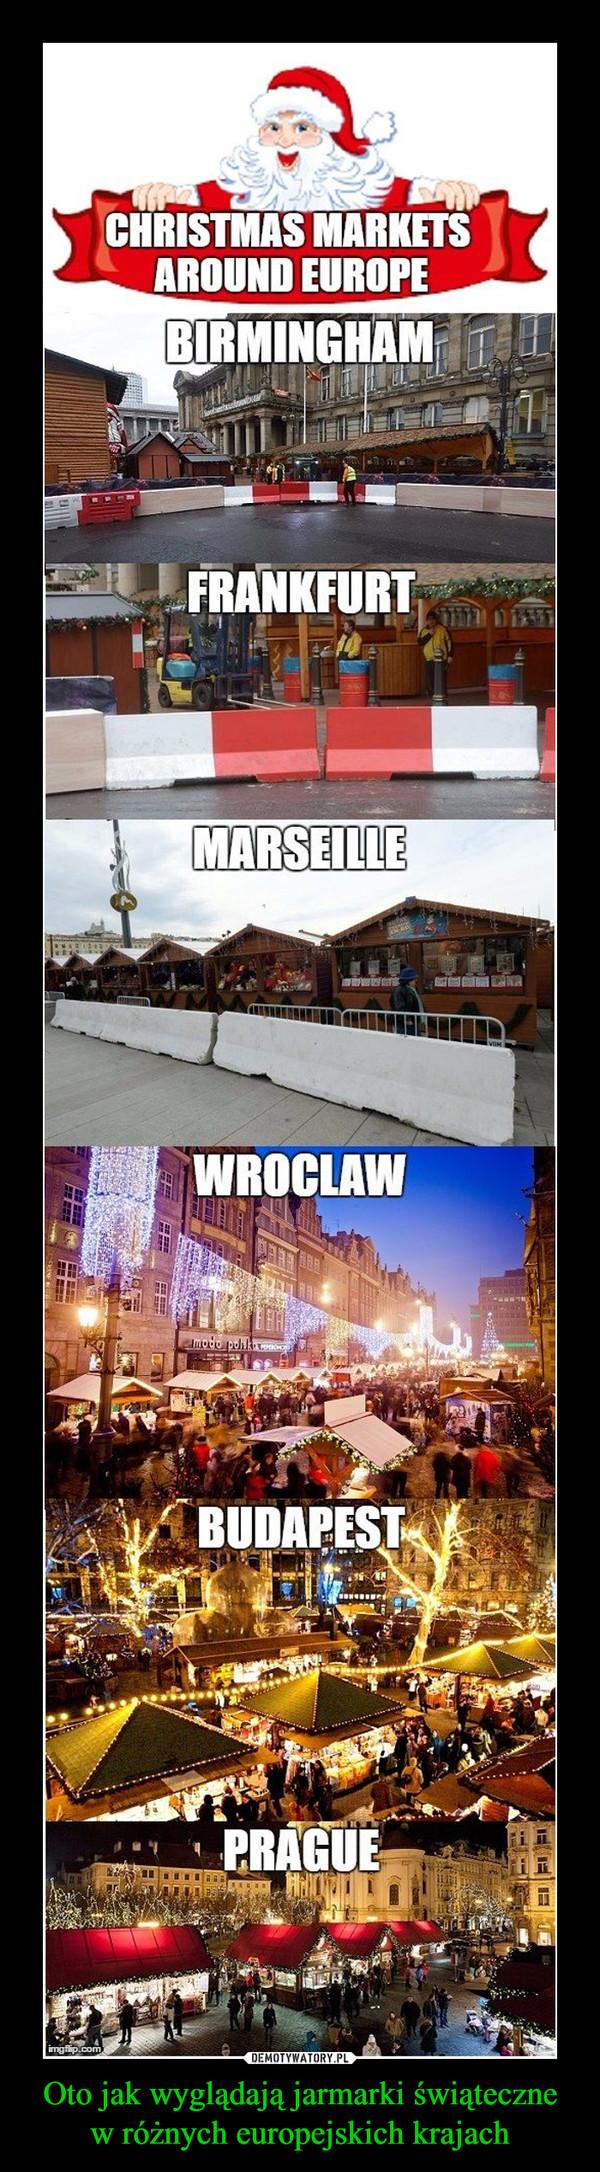 Oto jak wyglądają jarmarki świąteczne w różnych europejskich krajach –